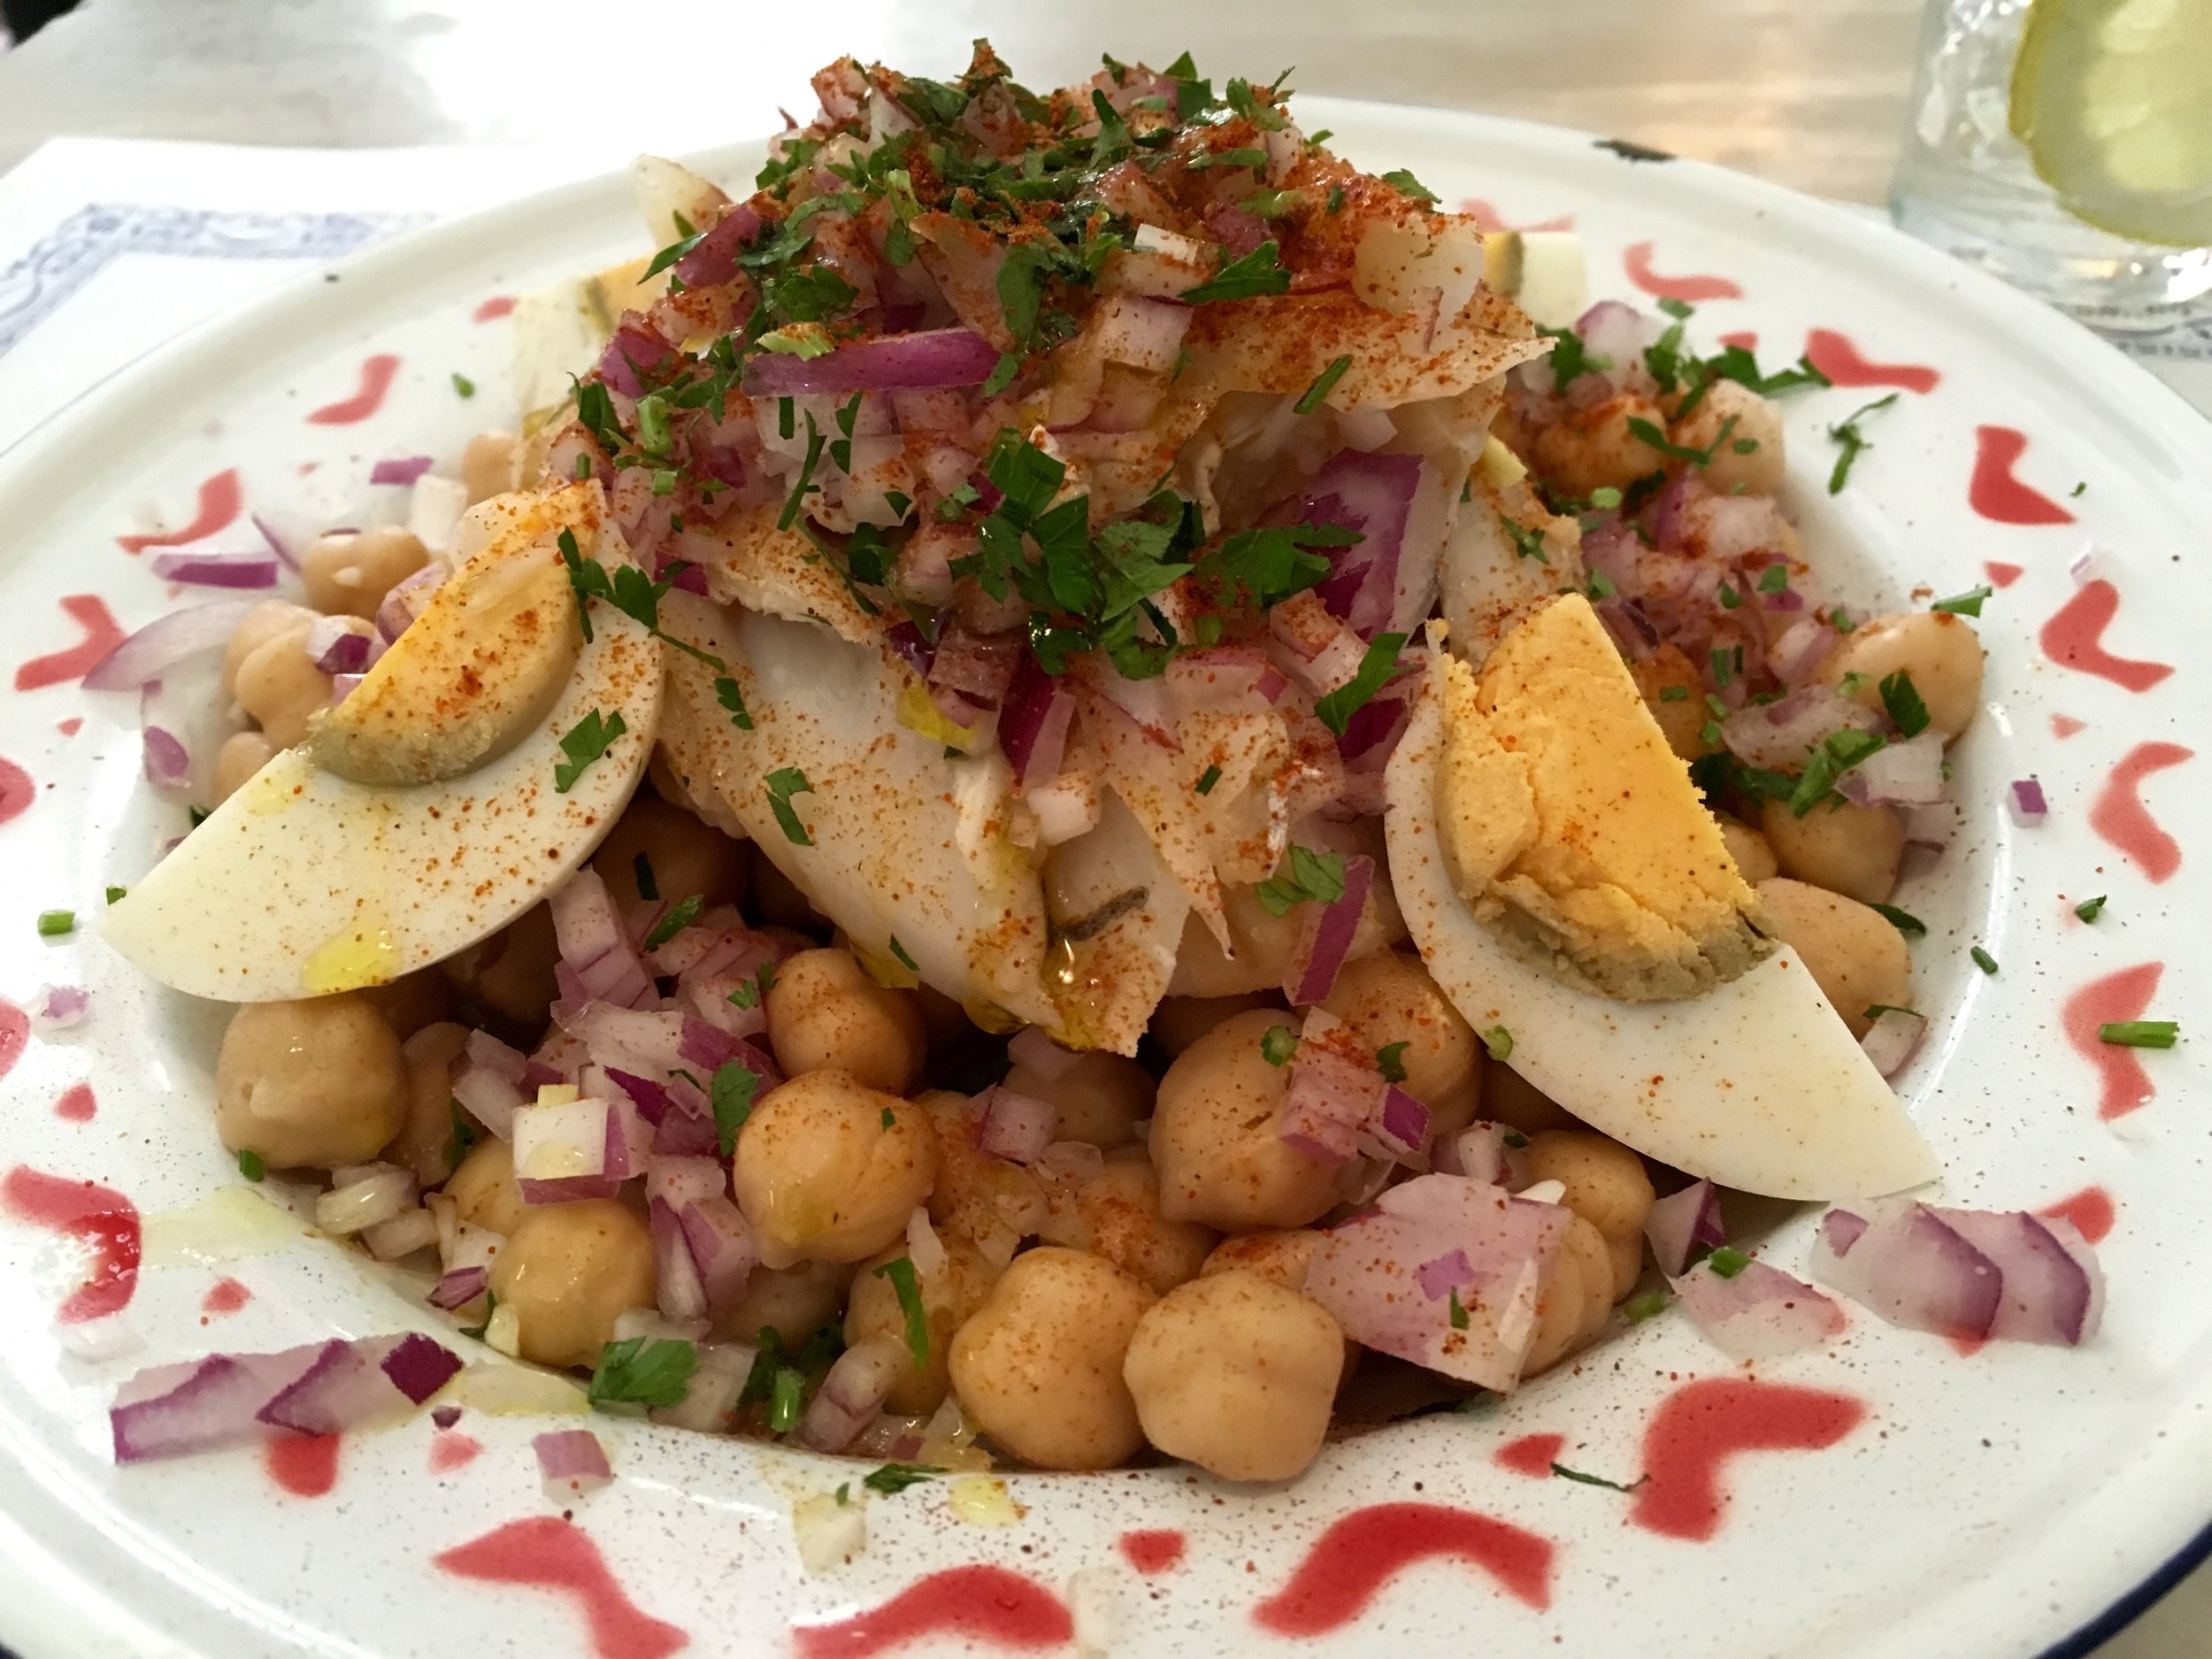 bacalhau & chickpea salad